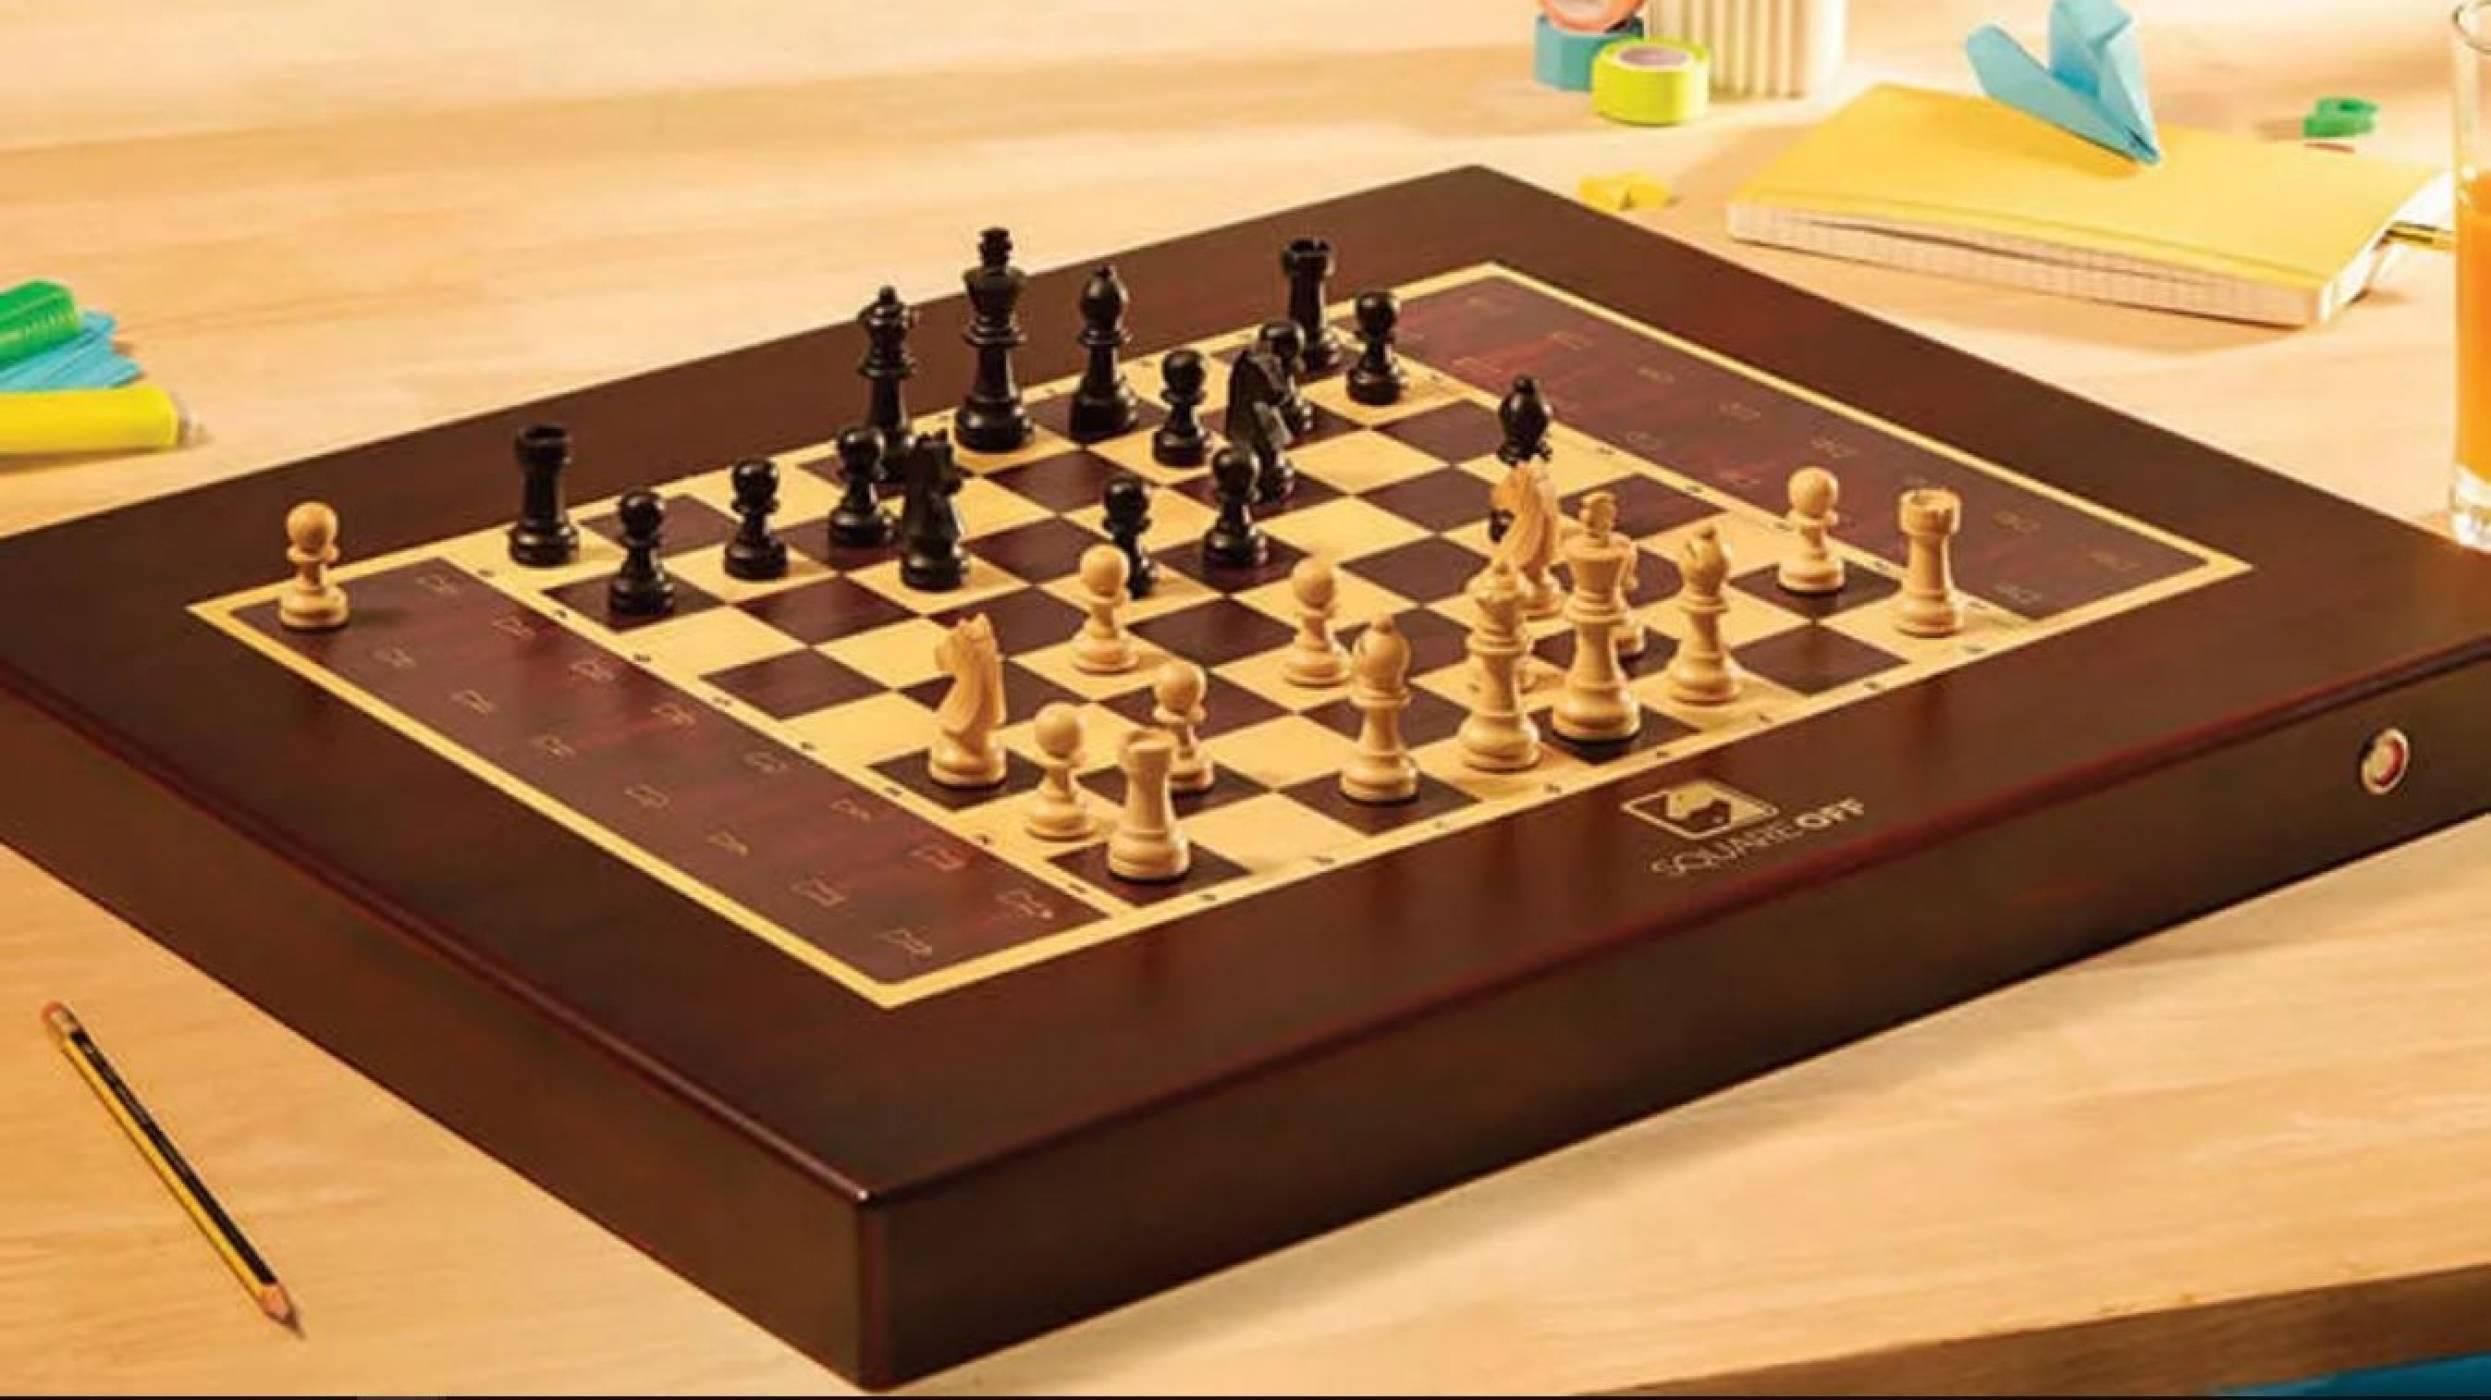 Готови ли сте за партия шах където и да сте? Тази иновативна дъска позволява да играете с приятели онлайн